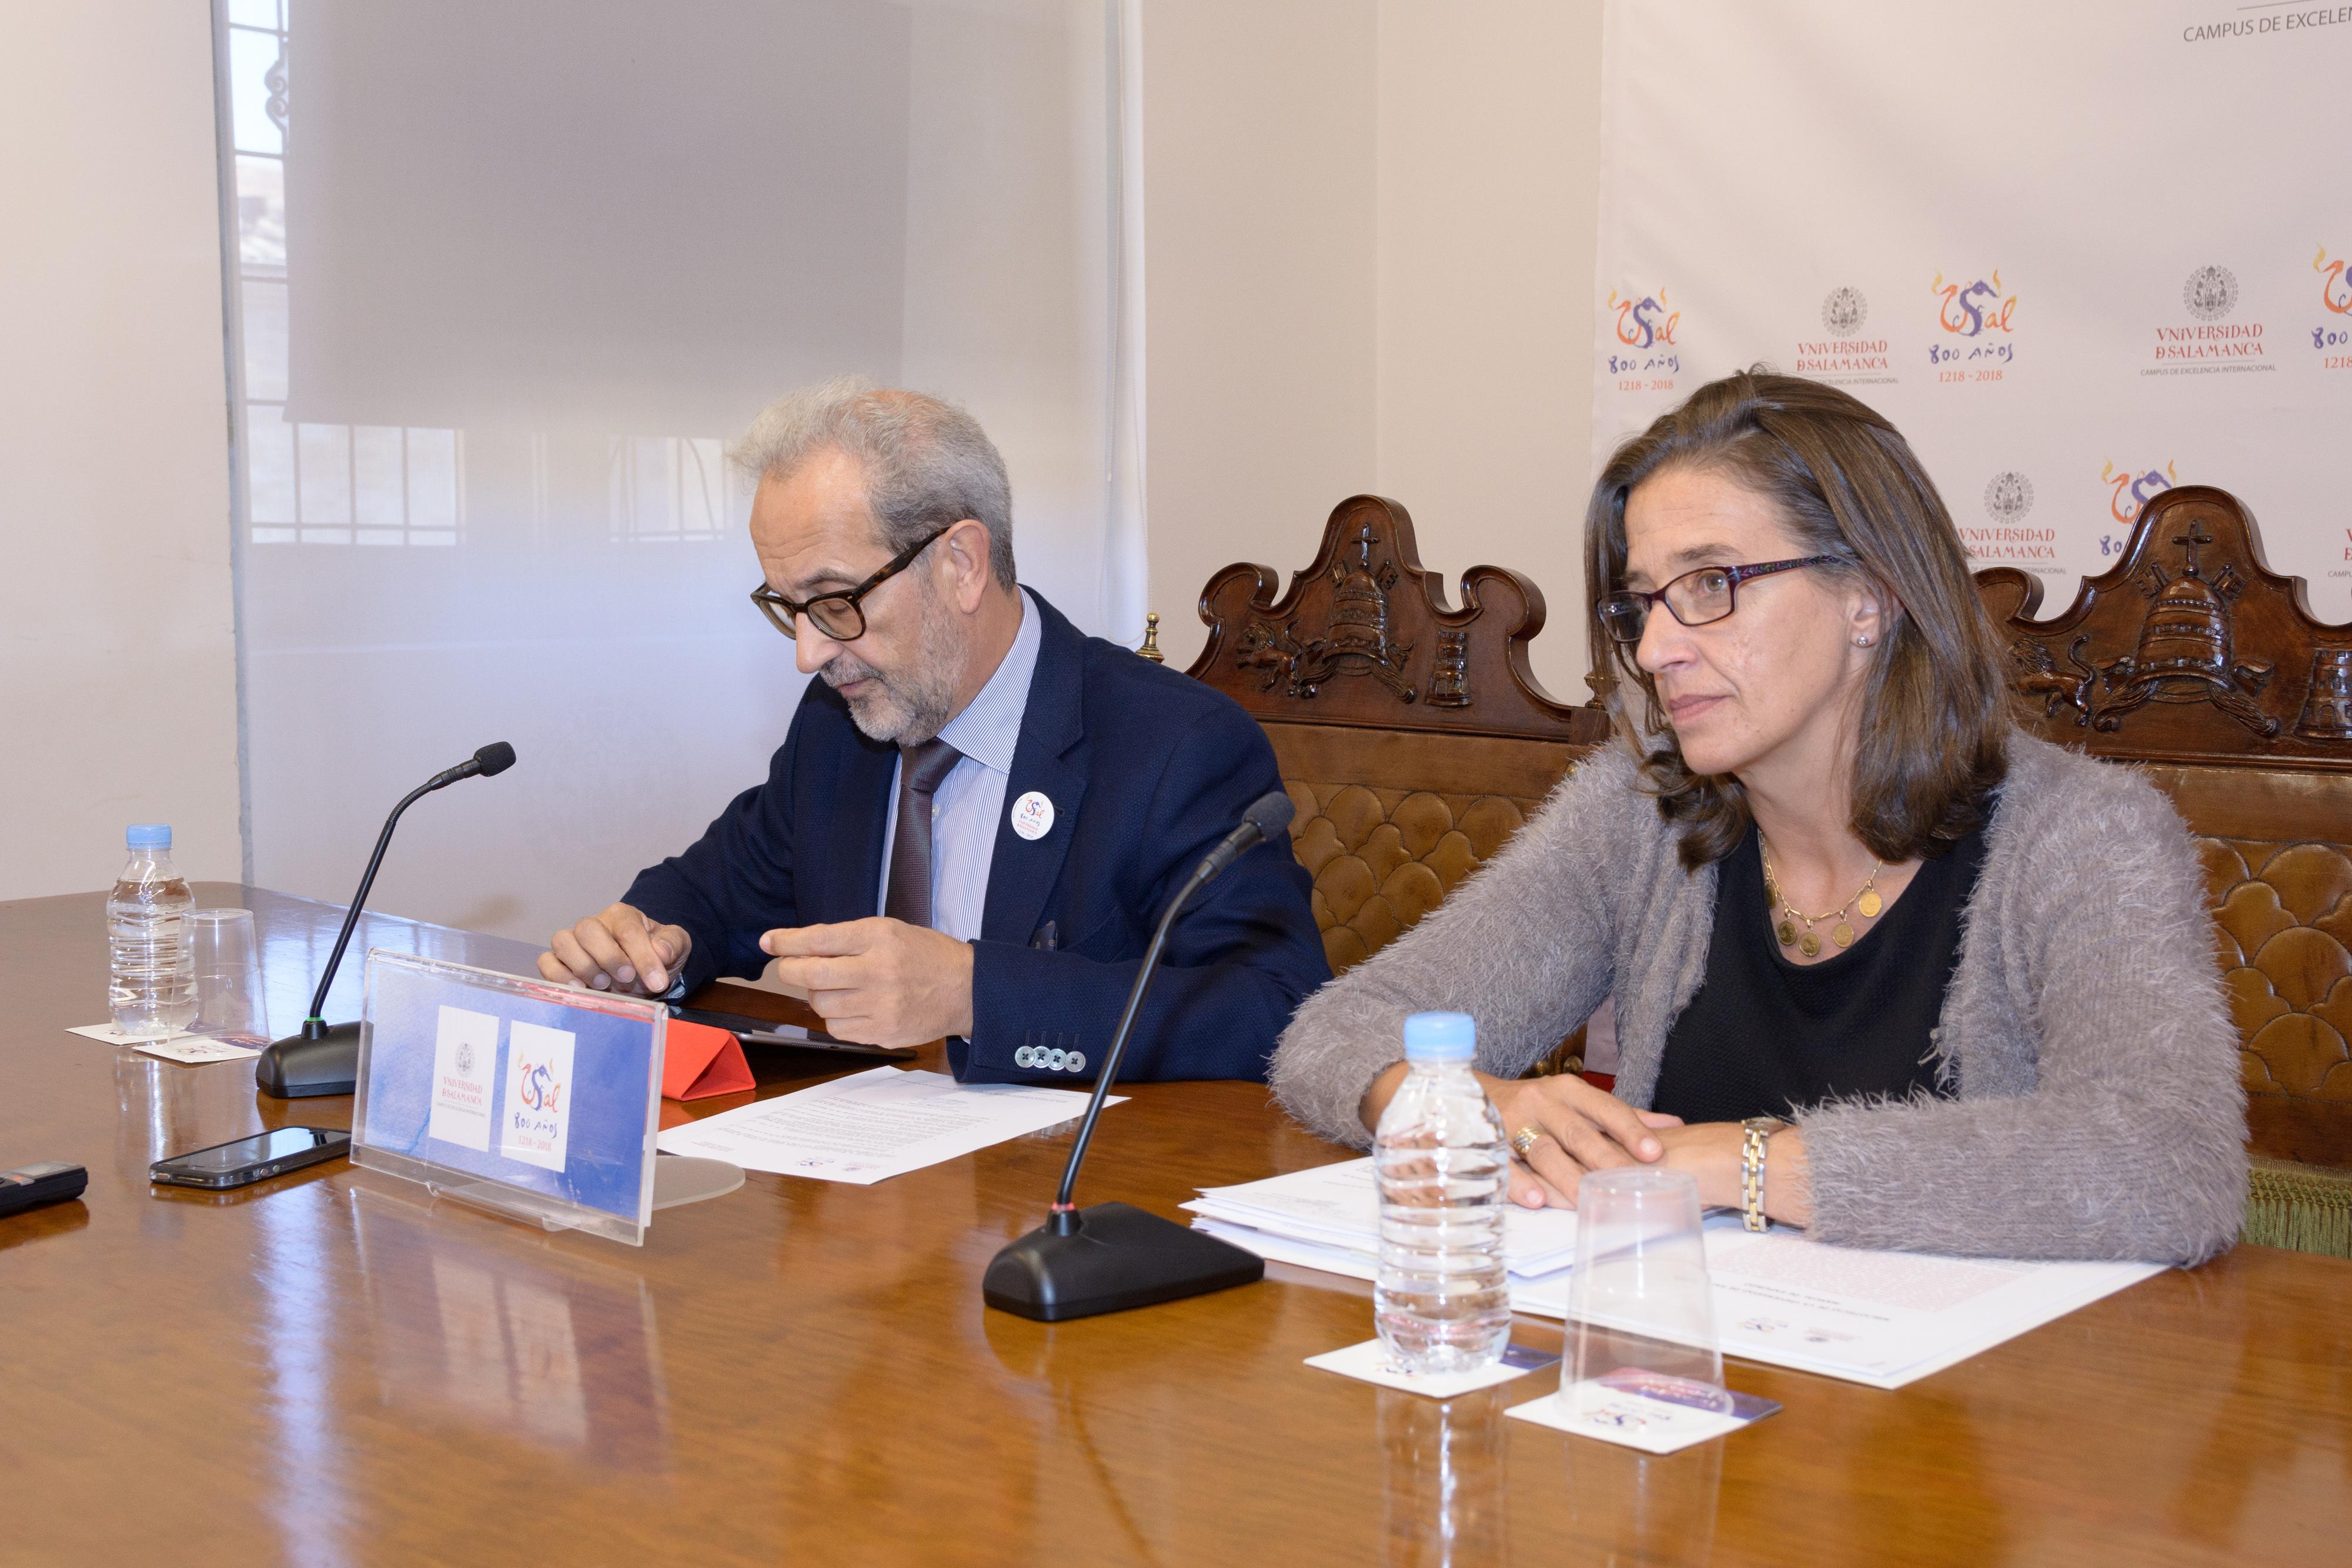 La Universidad de Salamanca entregará el doctorado 'honoris causa' a Juncker y Marín el 9 de noviembre